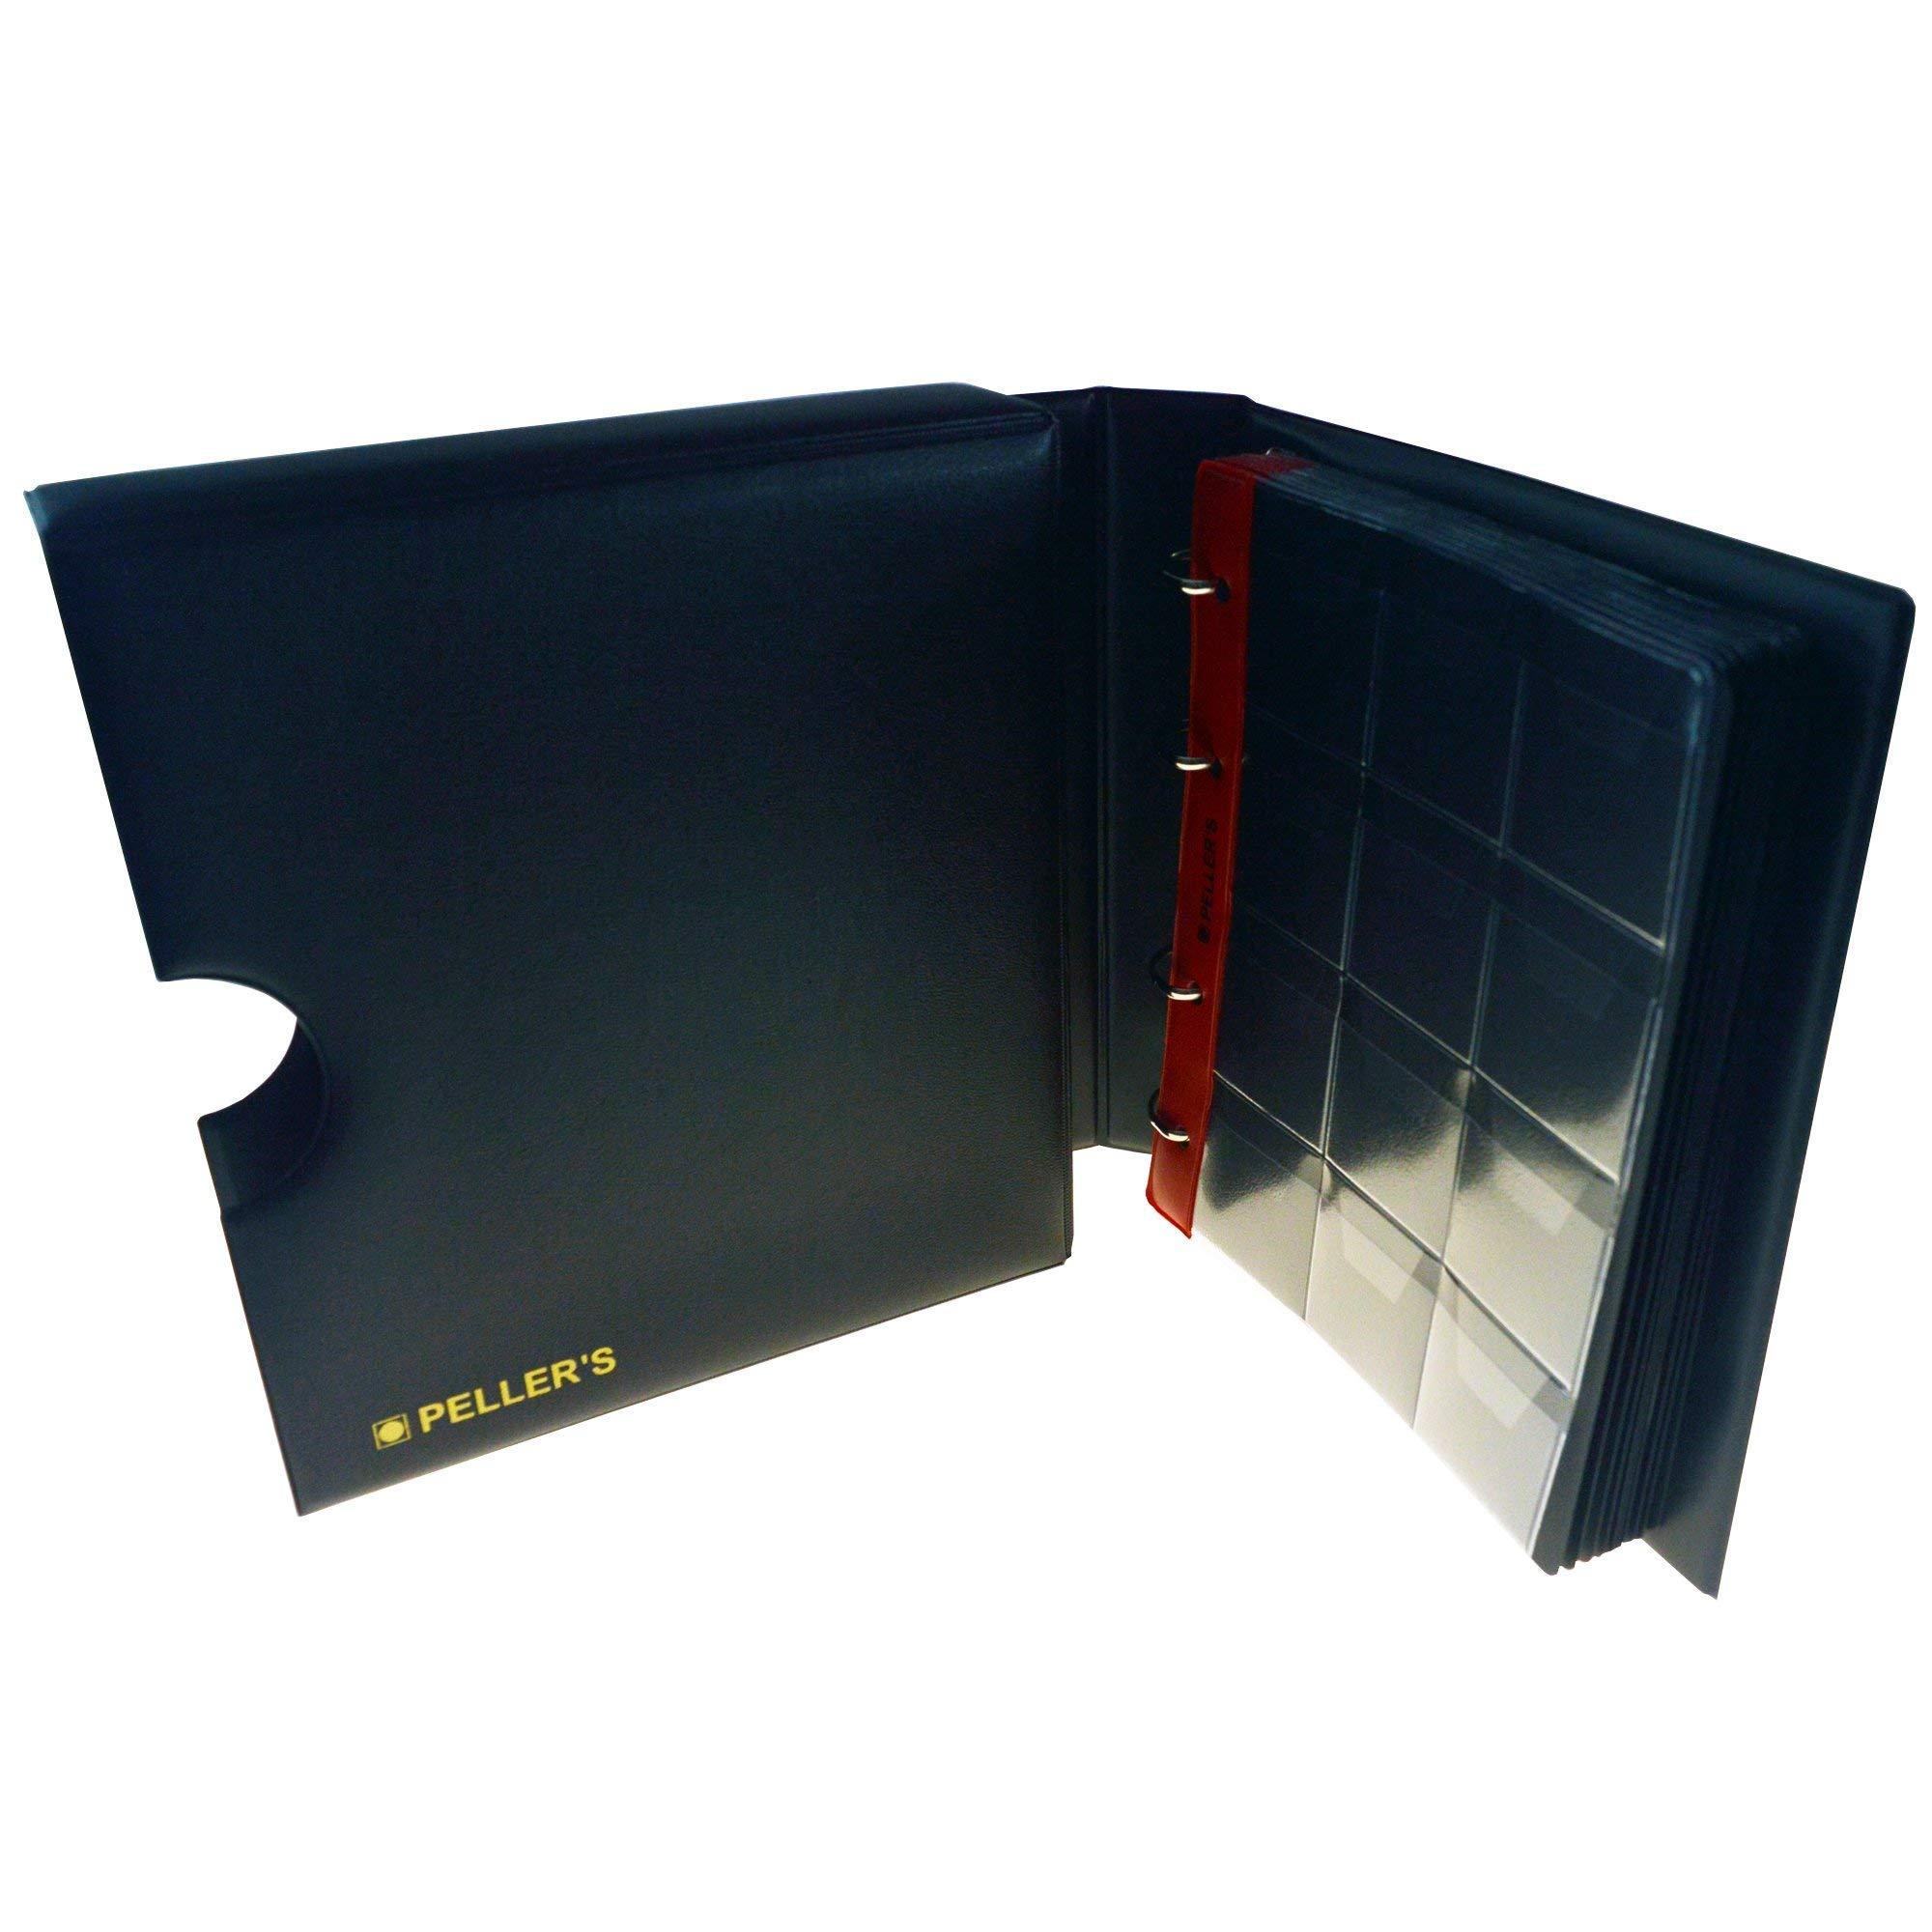 PELLERS AM120C Álbum de colección 120 Grandes de hasta 40mm de diámetro, 10 Fundas y cartulinas separadoras. para Monedas turísticas, Geocoins, Fichas etc, Negro, Modelo M con Cajetin: Amazon.es: Hogar